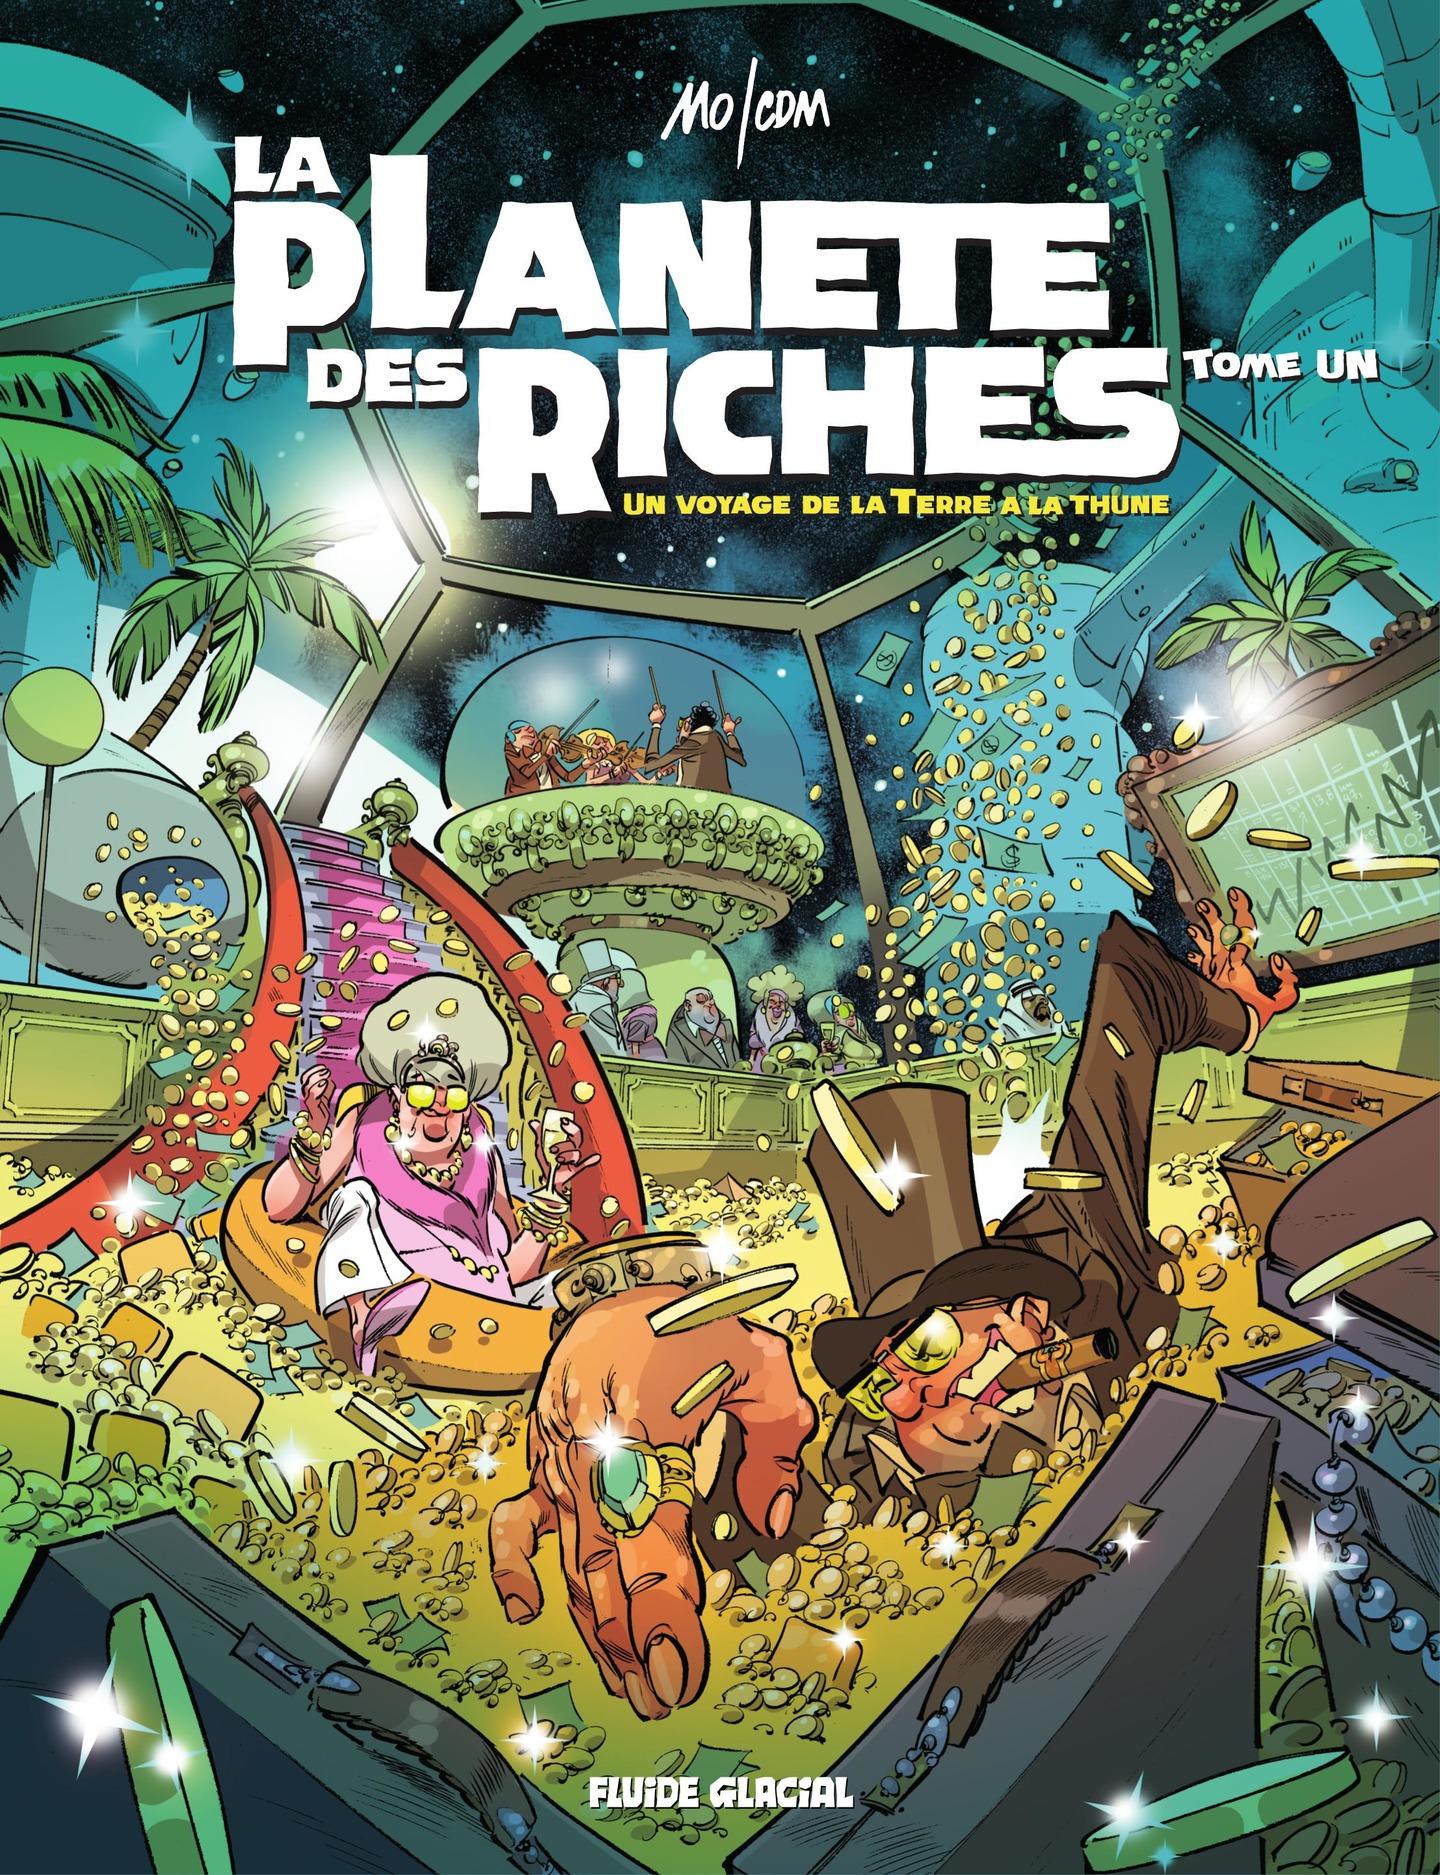 La planète des riches - Tome 1